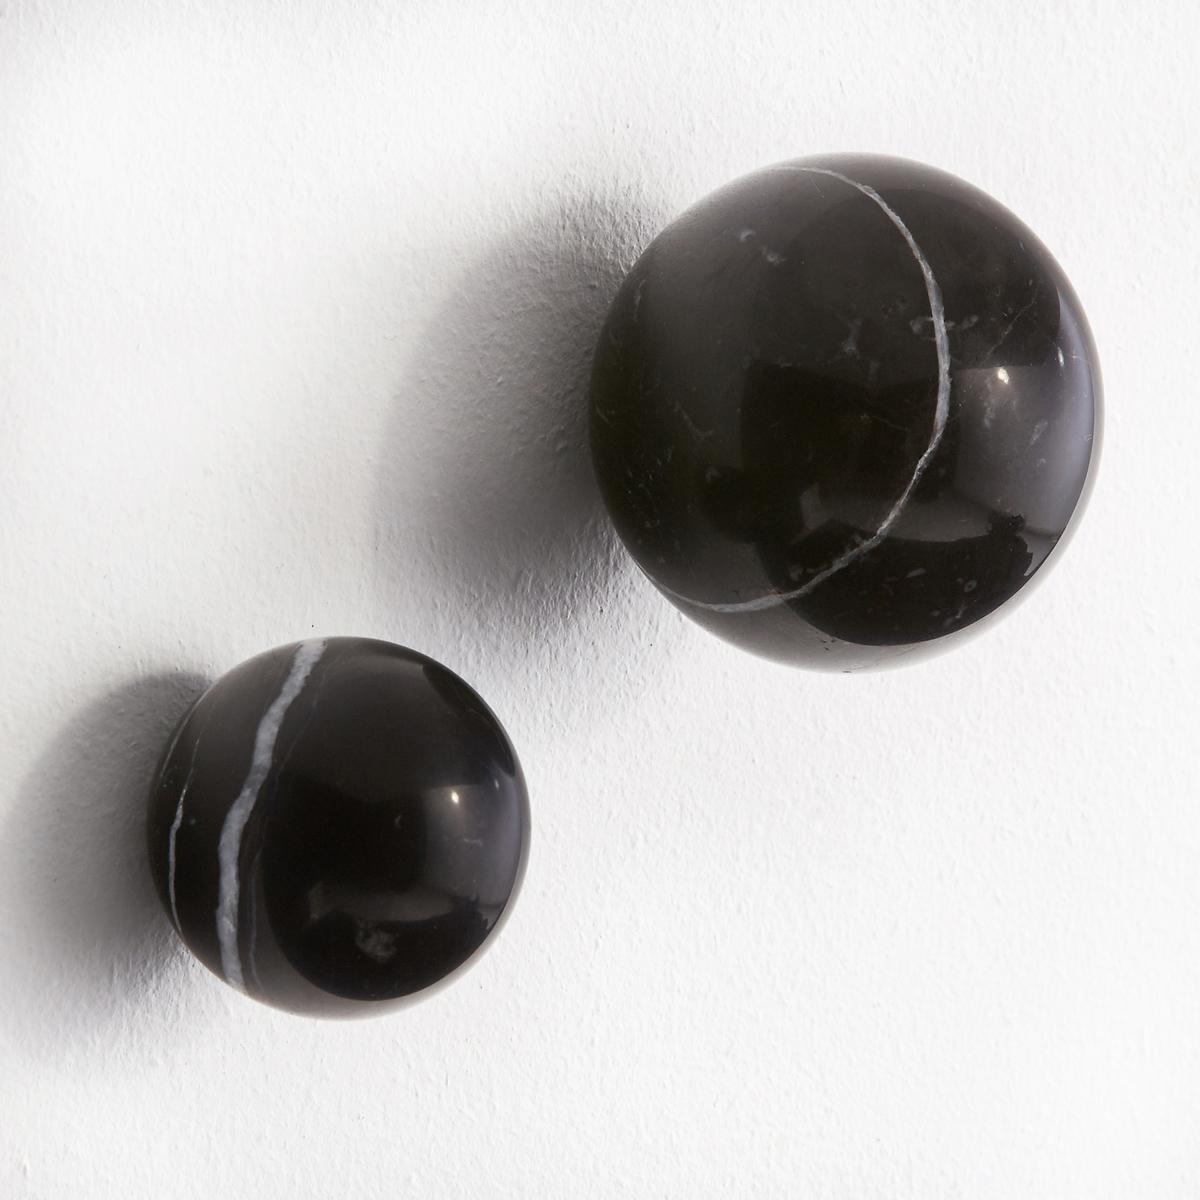 2 вешалки мраморные AmericiКомплект из 2 вешалок Americi. Два элегантных мраморных шара, на которые можно вешать Вашу одежду. - Шурупы и дюбеля не прилагаются.. В комплекте 2 размера: ?5 см и ?7 см.<br><br>Цвет: мраморный черный<br>Размер: единый размер